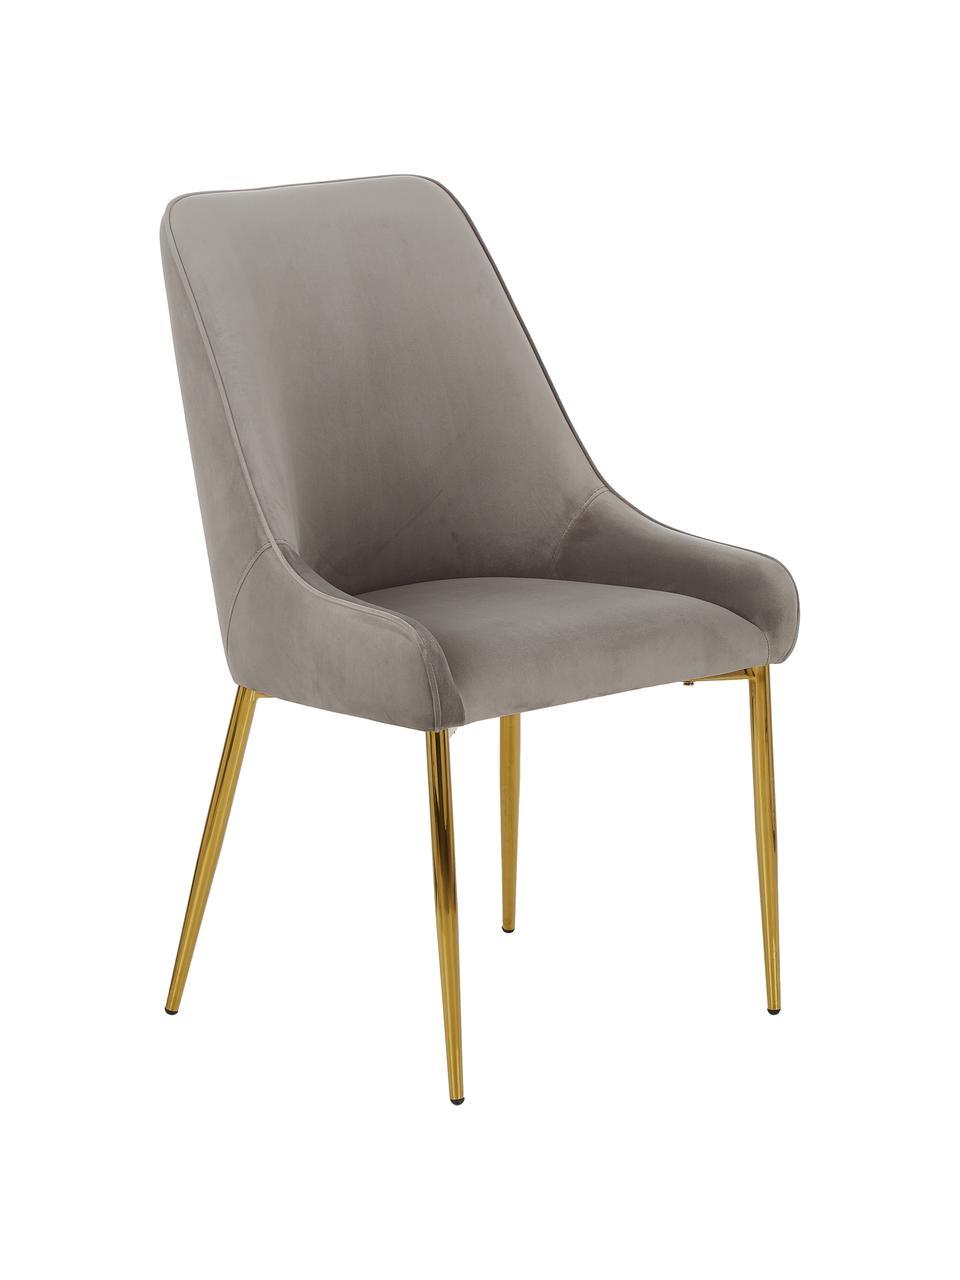 Samt-Polsterstuhl Ava in Taupe, Bezug: Samt (100% Polyester) Der, Beine: Metall, galvanisiert, Samt Taupe, B 53 x T 60 cm